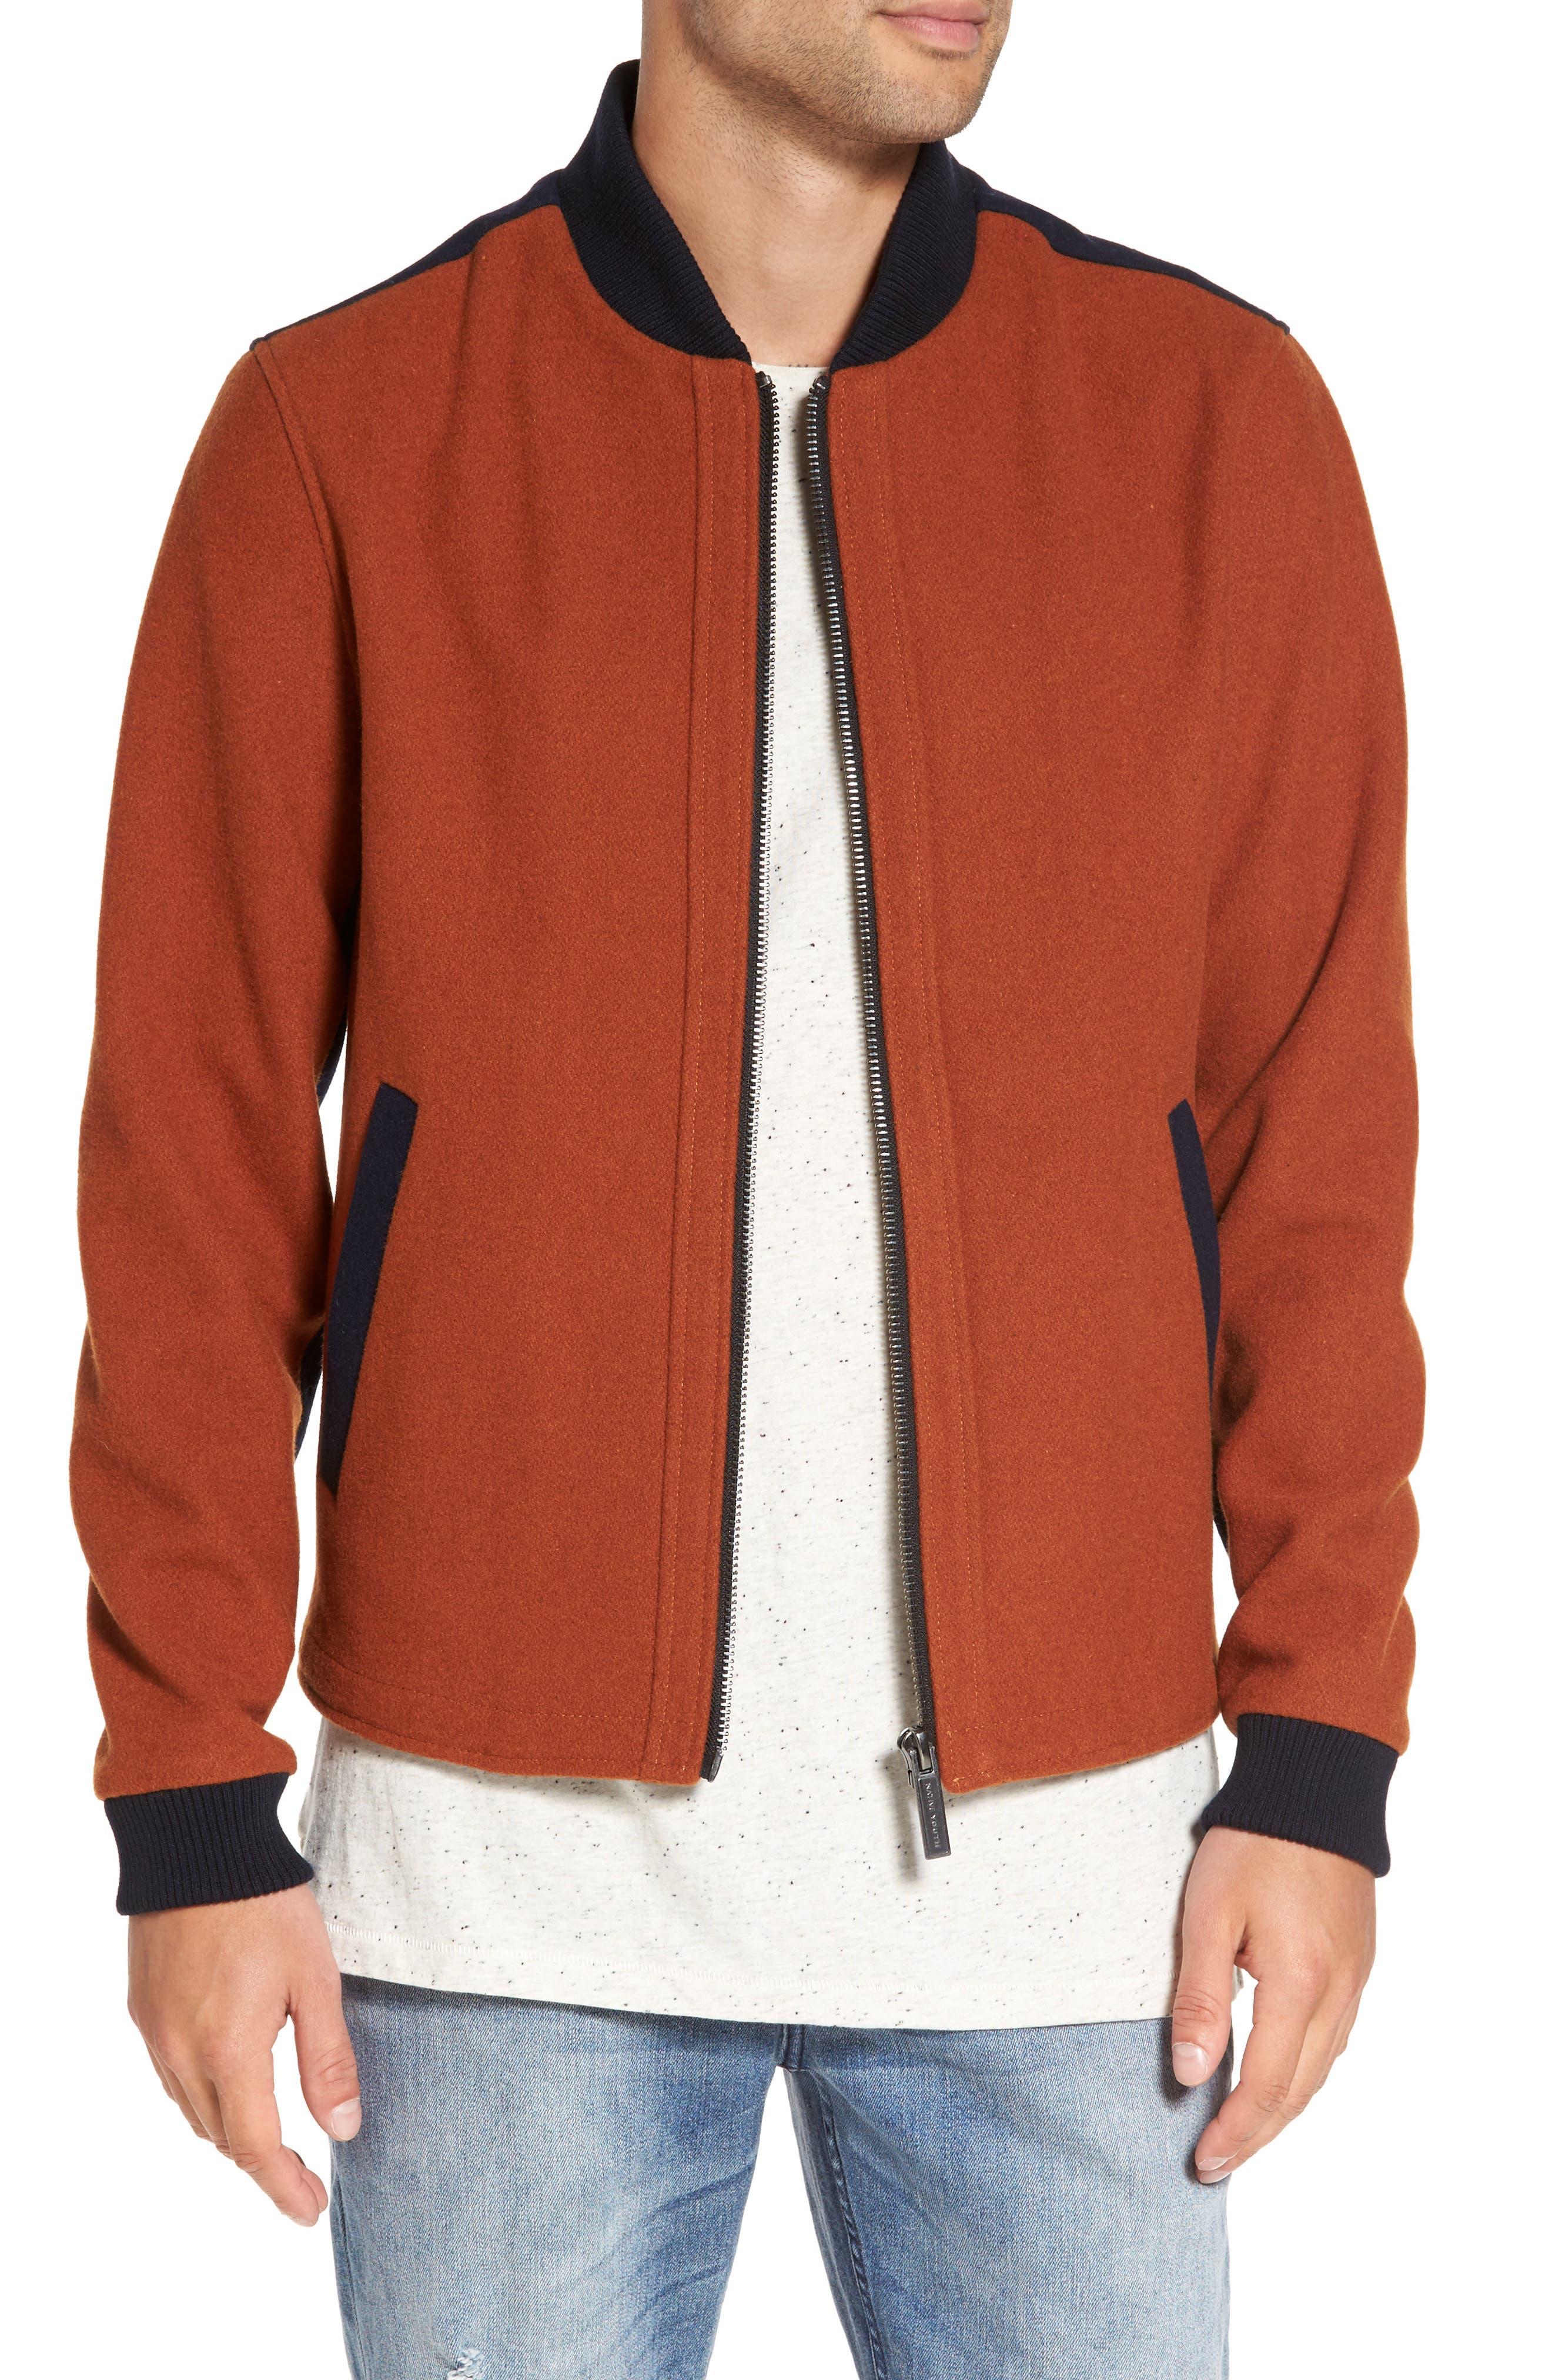 Alternate Image 1 Selected - Native Youth Maldon Bomber Jacket